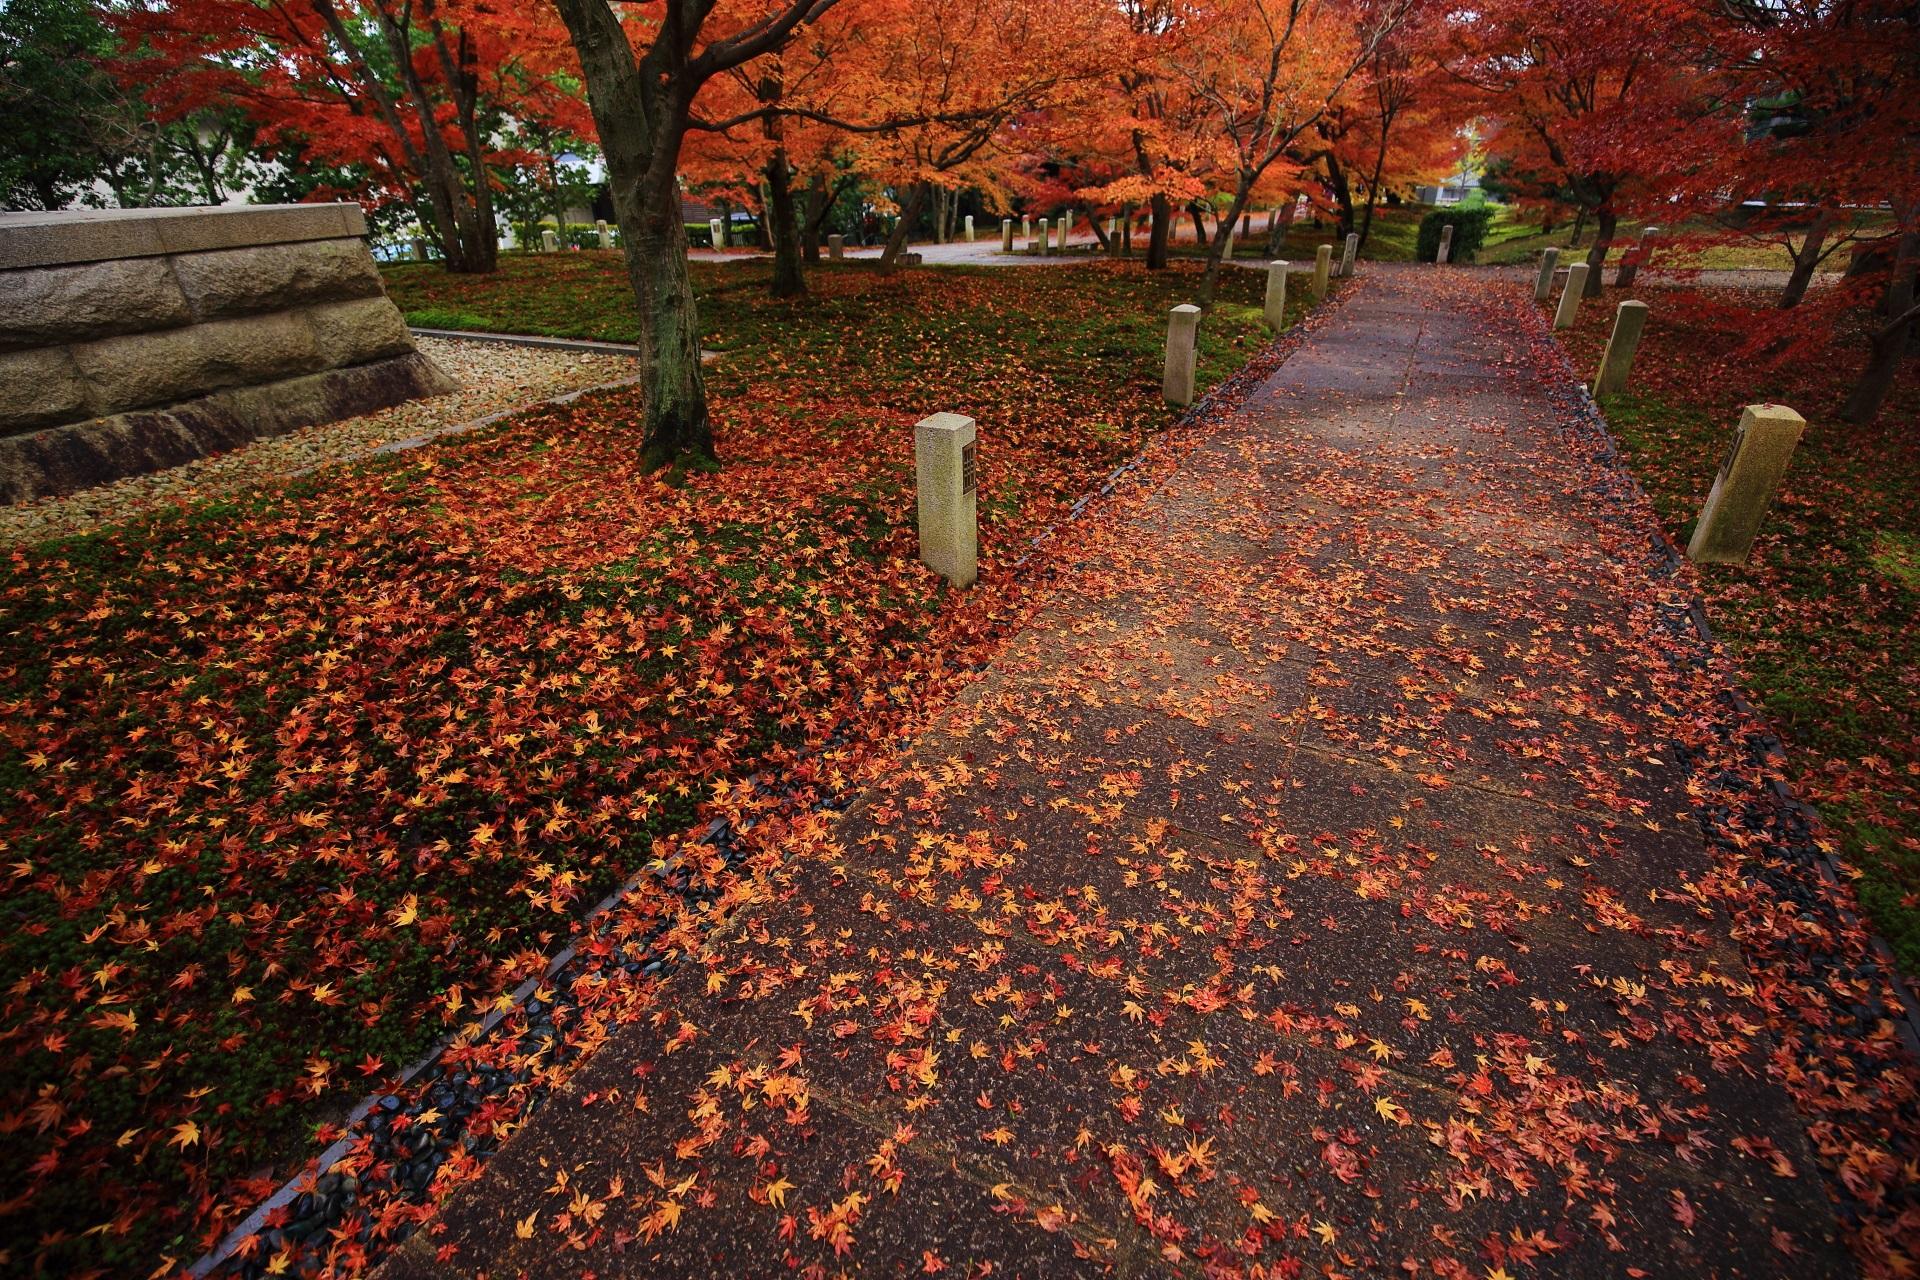 雨に濡れた石畳の参道と苔を彩る色とりどりの散り紅葉